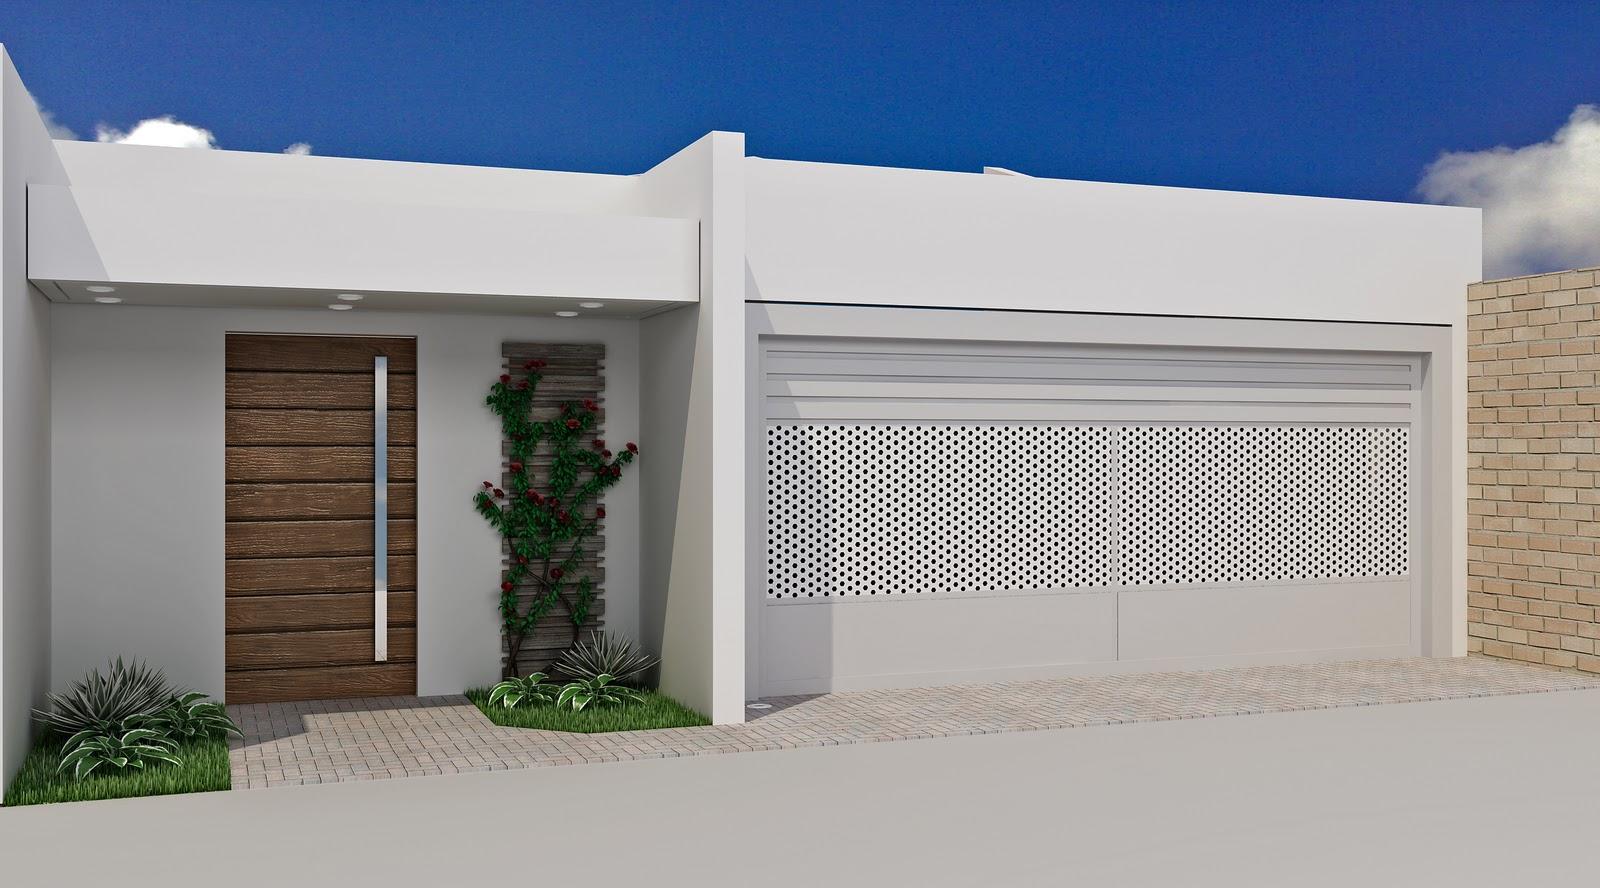 Como deixar linda a fachada apostando em muros e port es for Fachadas para residencias